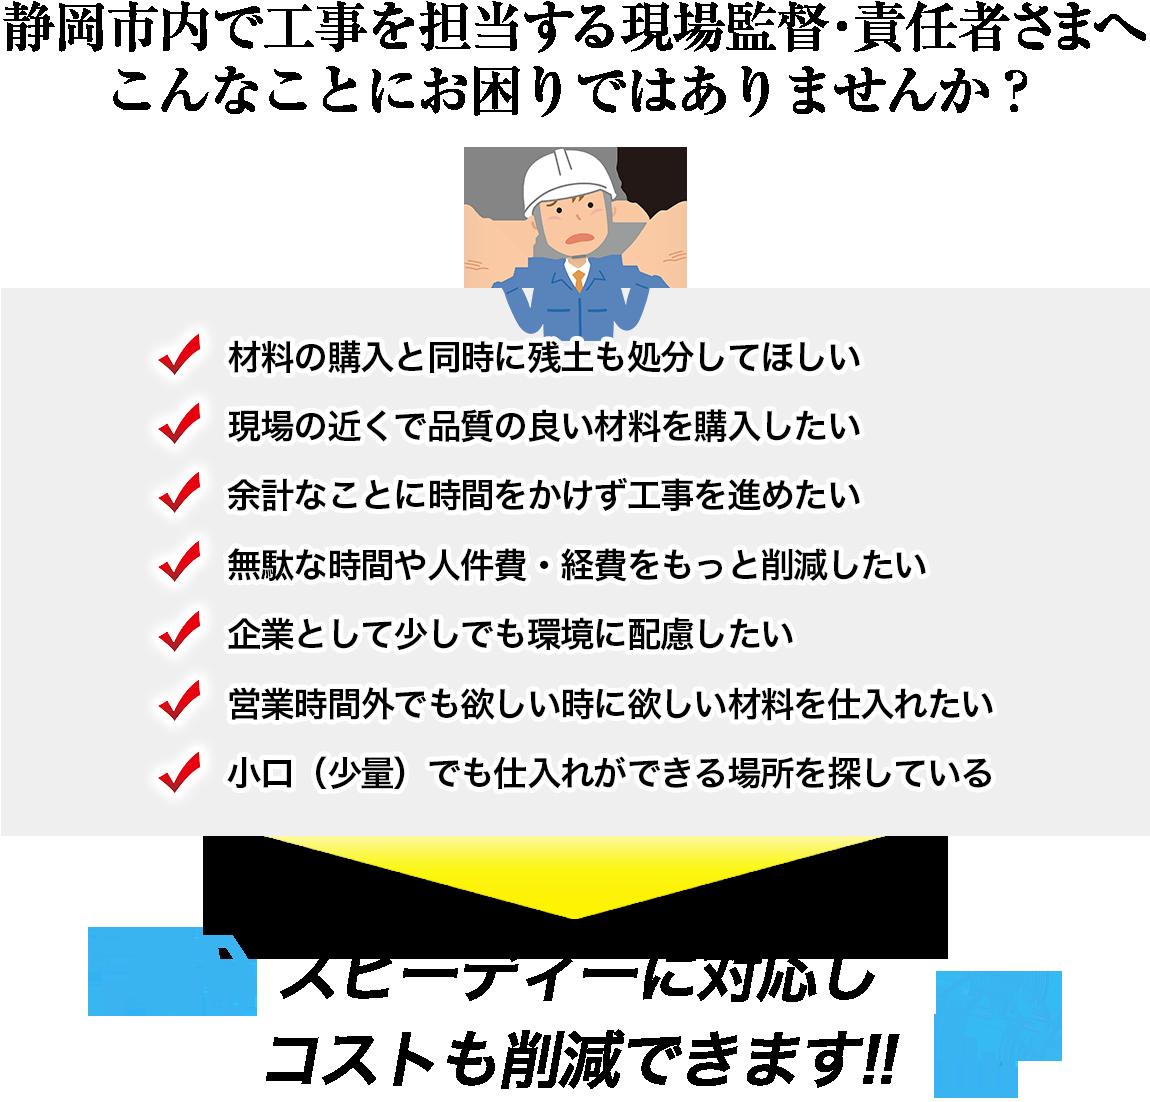 静岡市内の工事を担当されている監督・責任者の皆ささへ